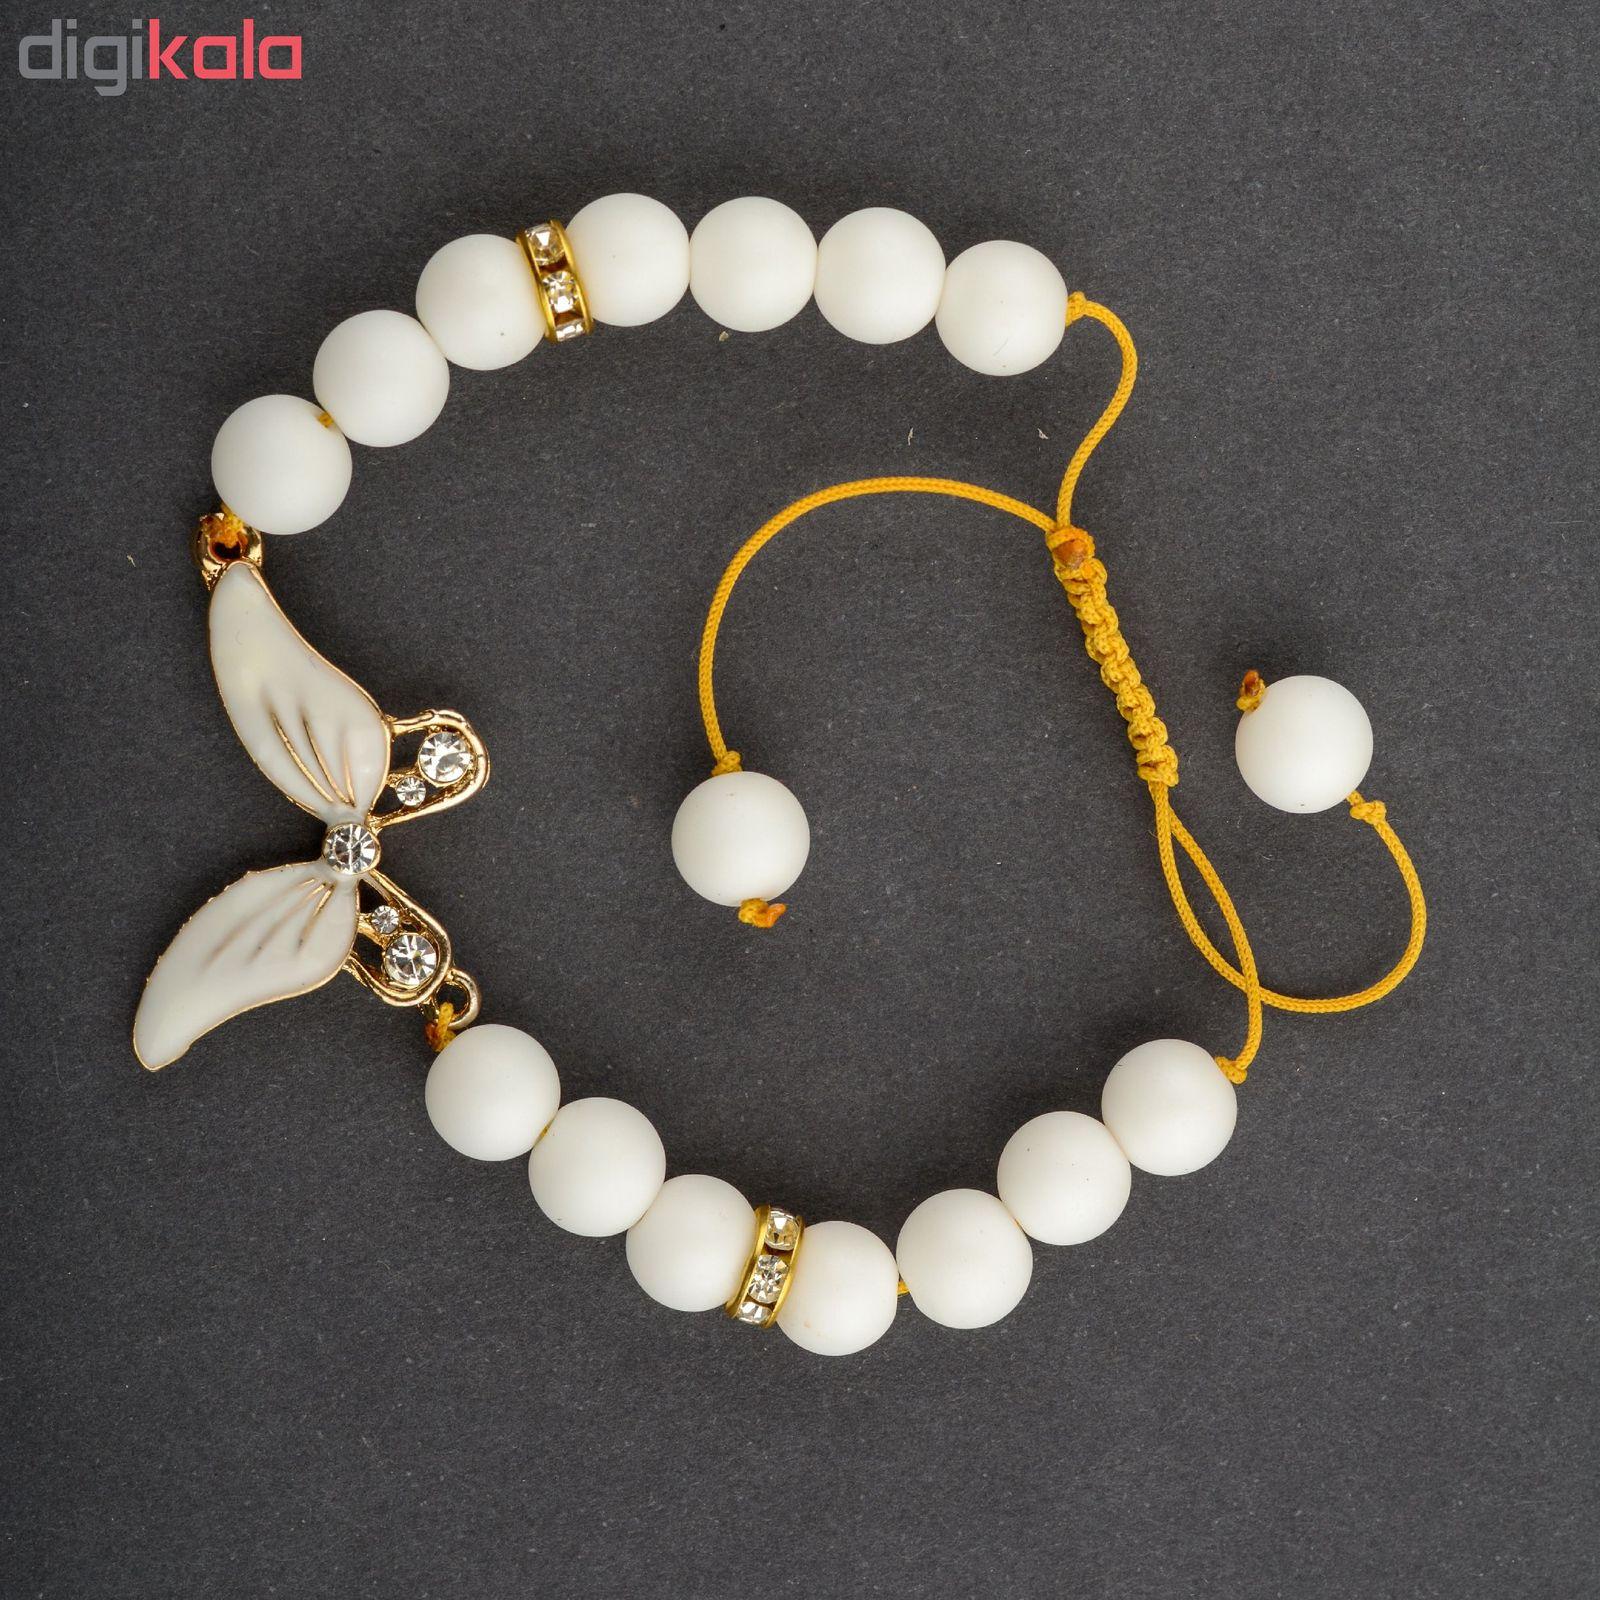 دستبند زنانه کد PT181 main 1 3